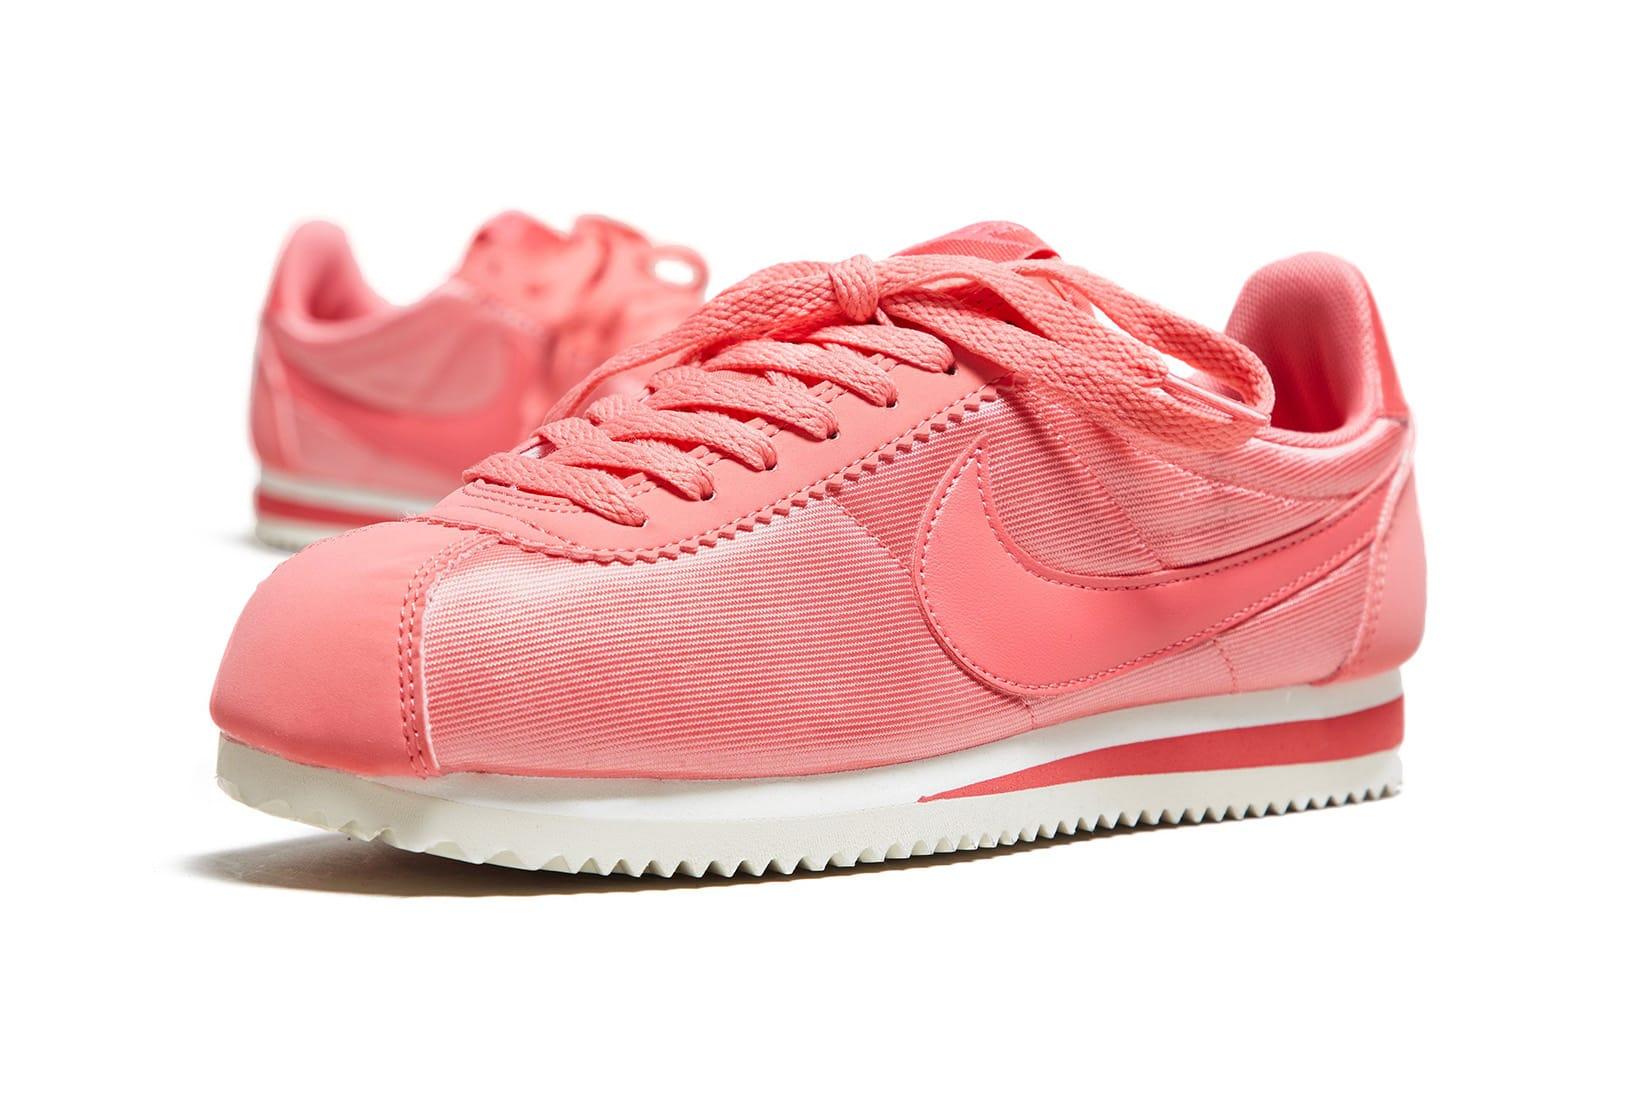 Bright Pink Cortez